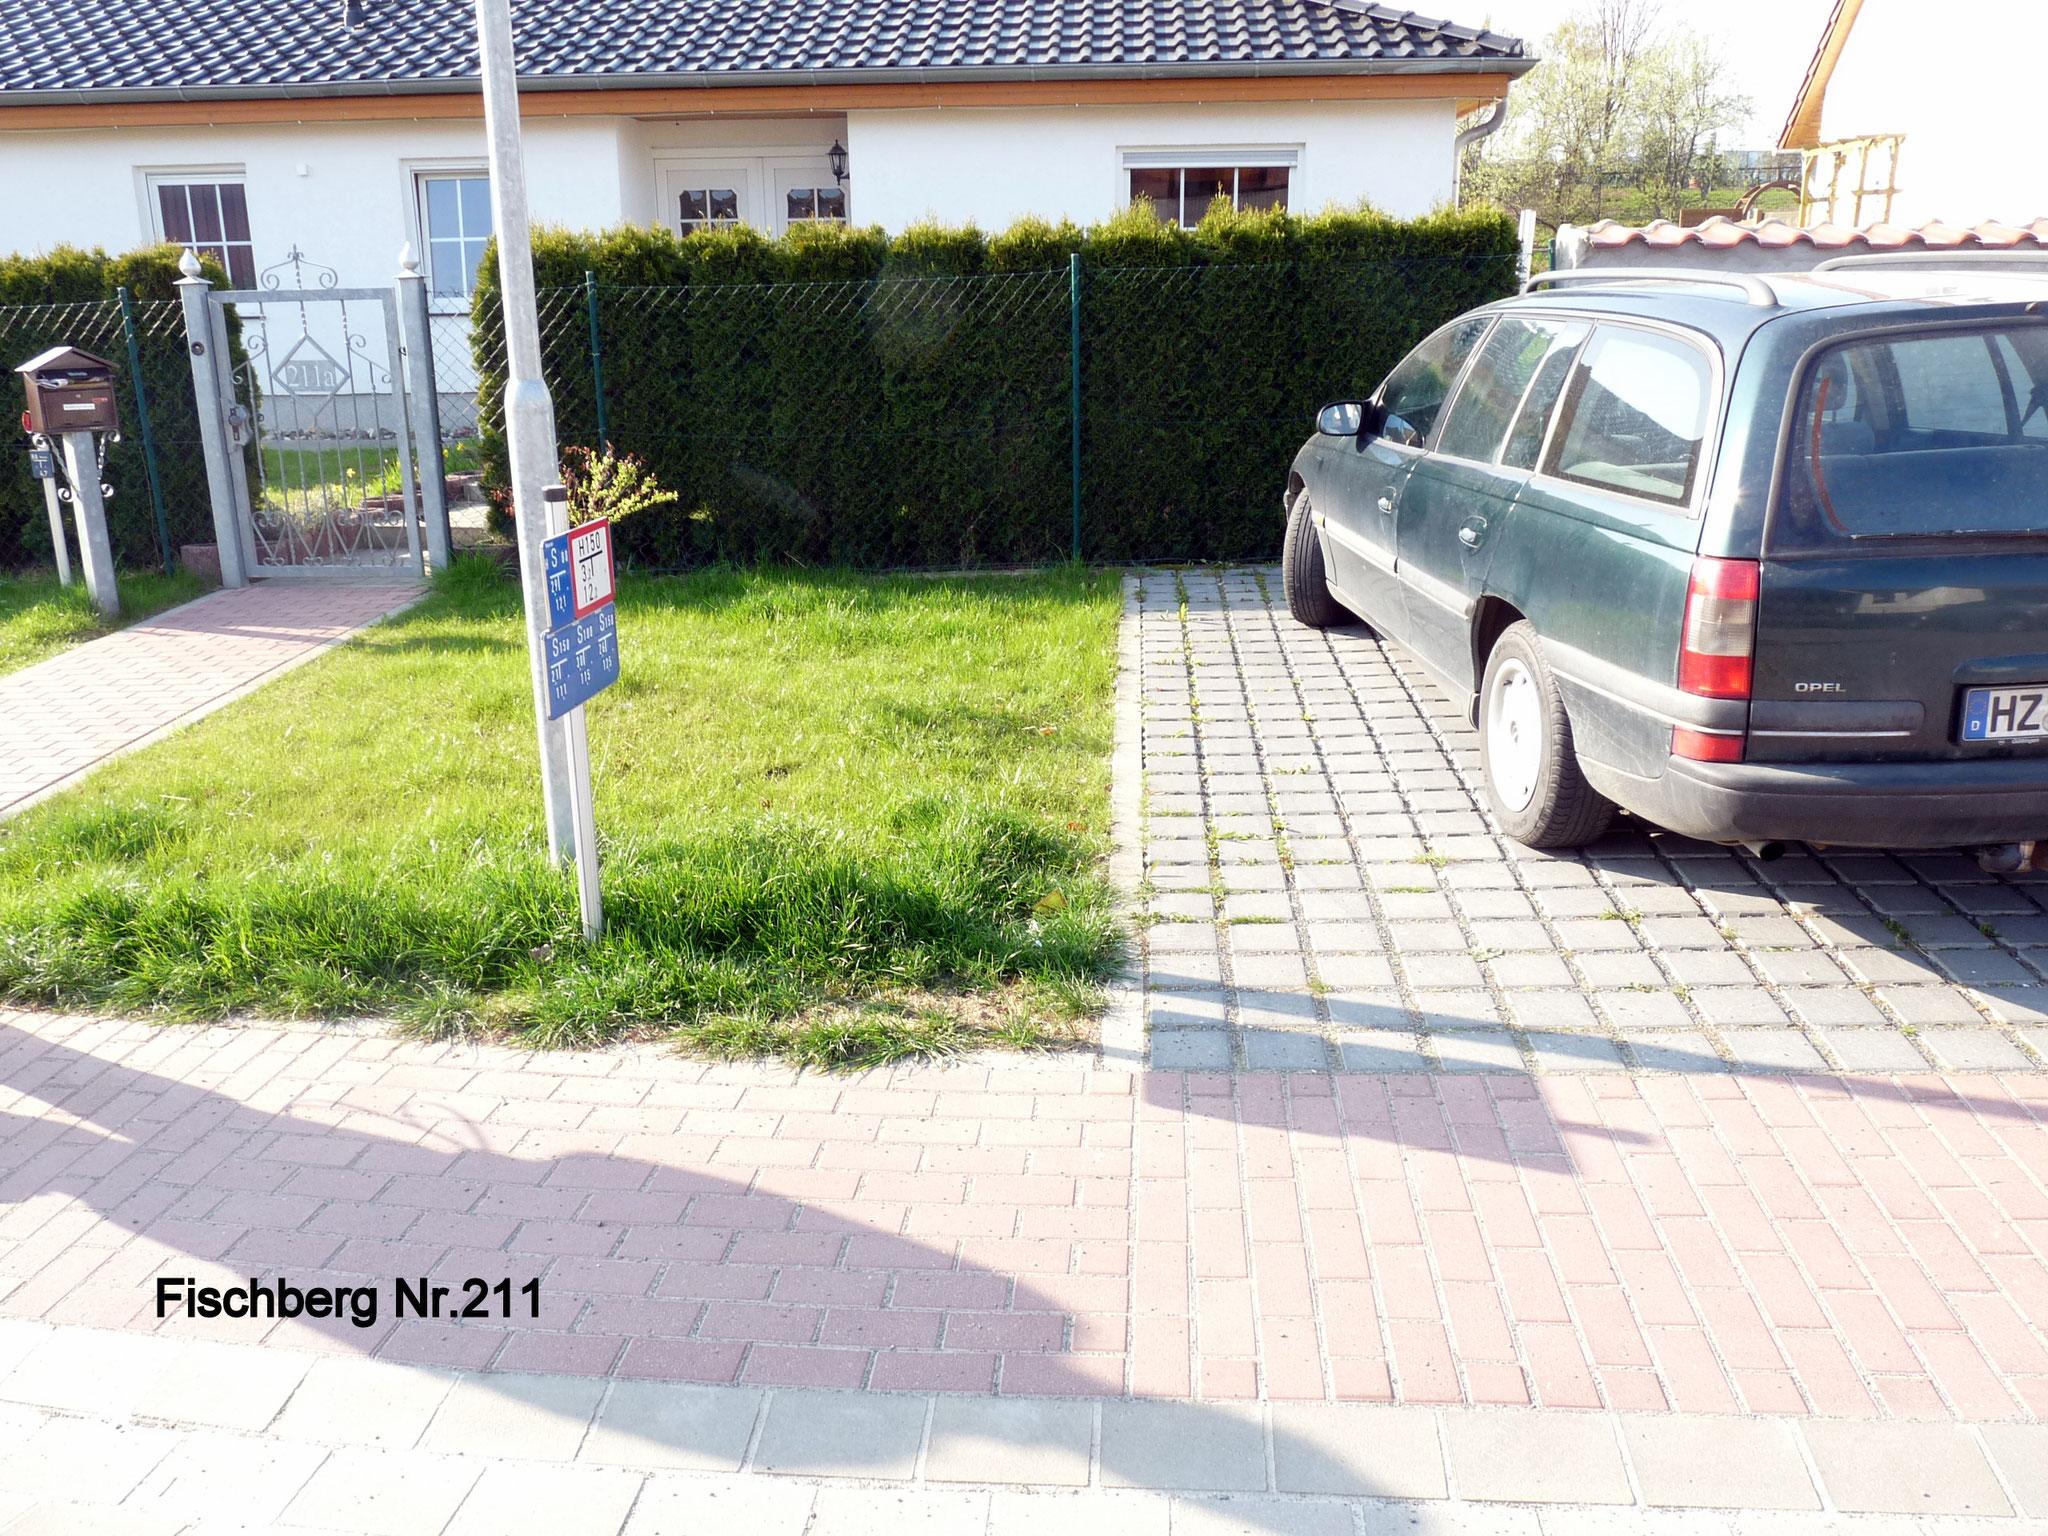 Fischberg 211